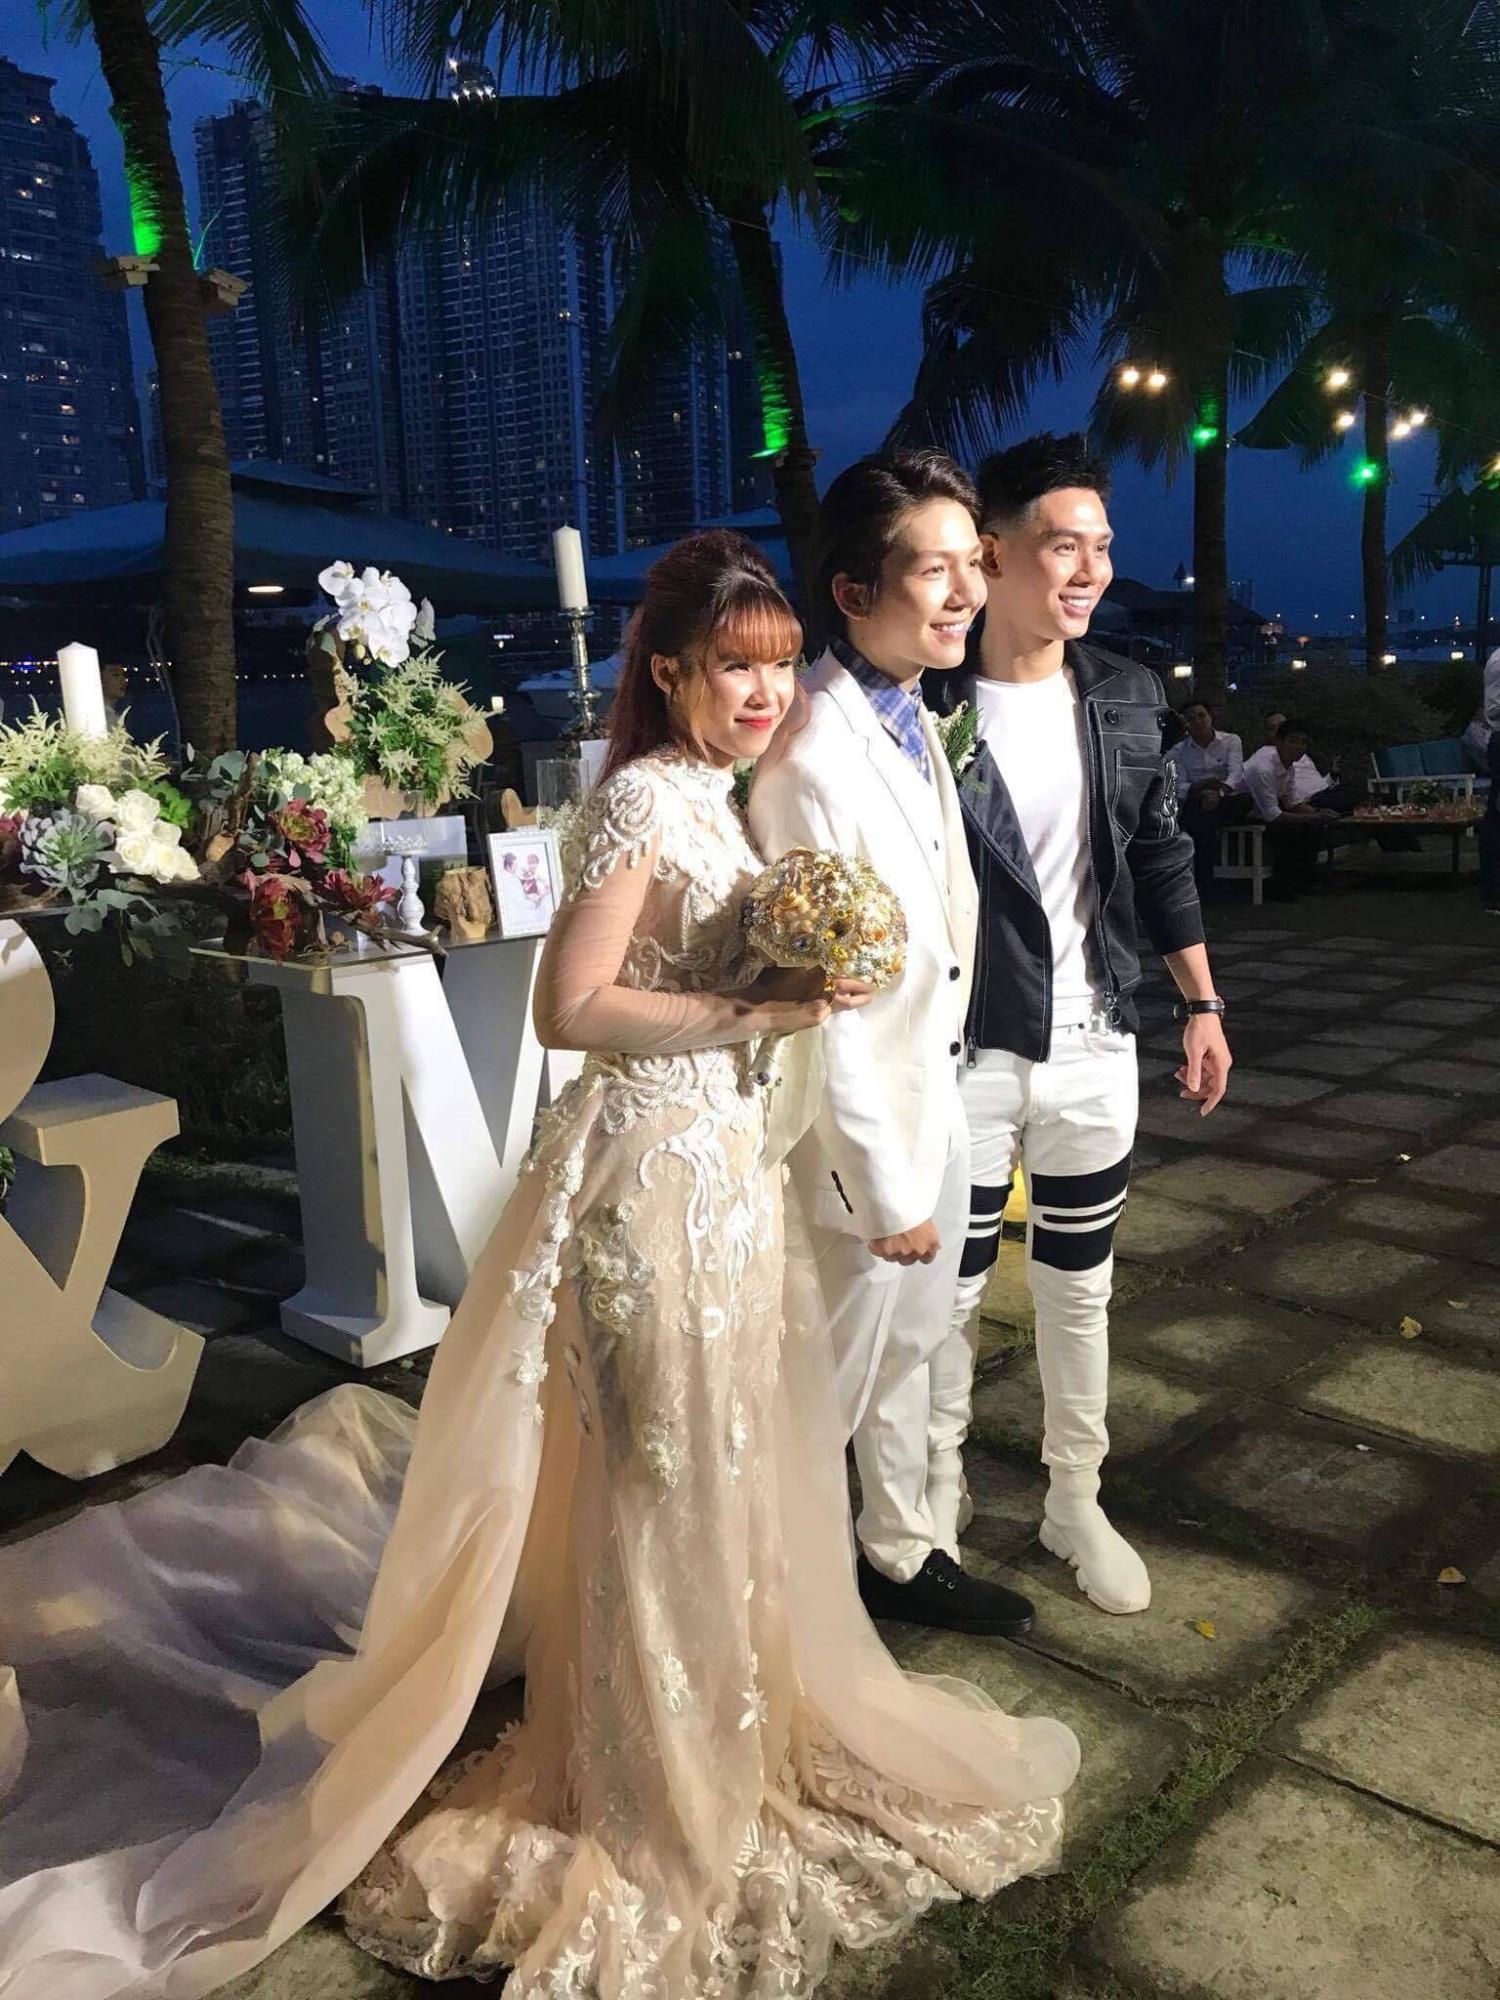 Cập nhật: Vợ chồng Kelvin Khánh - Khởi My diện trang phục giản dị, quậy tưng bừng trong tiệc cưới - Ảnh 5